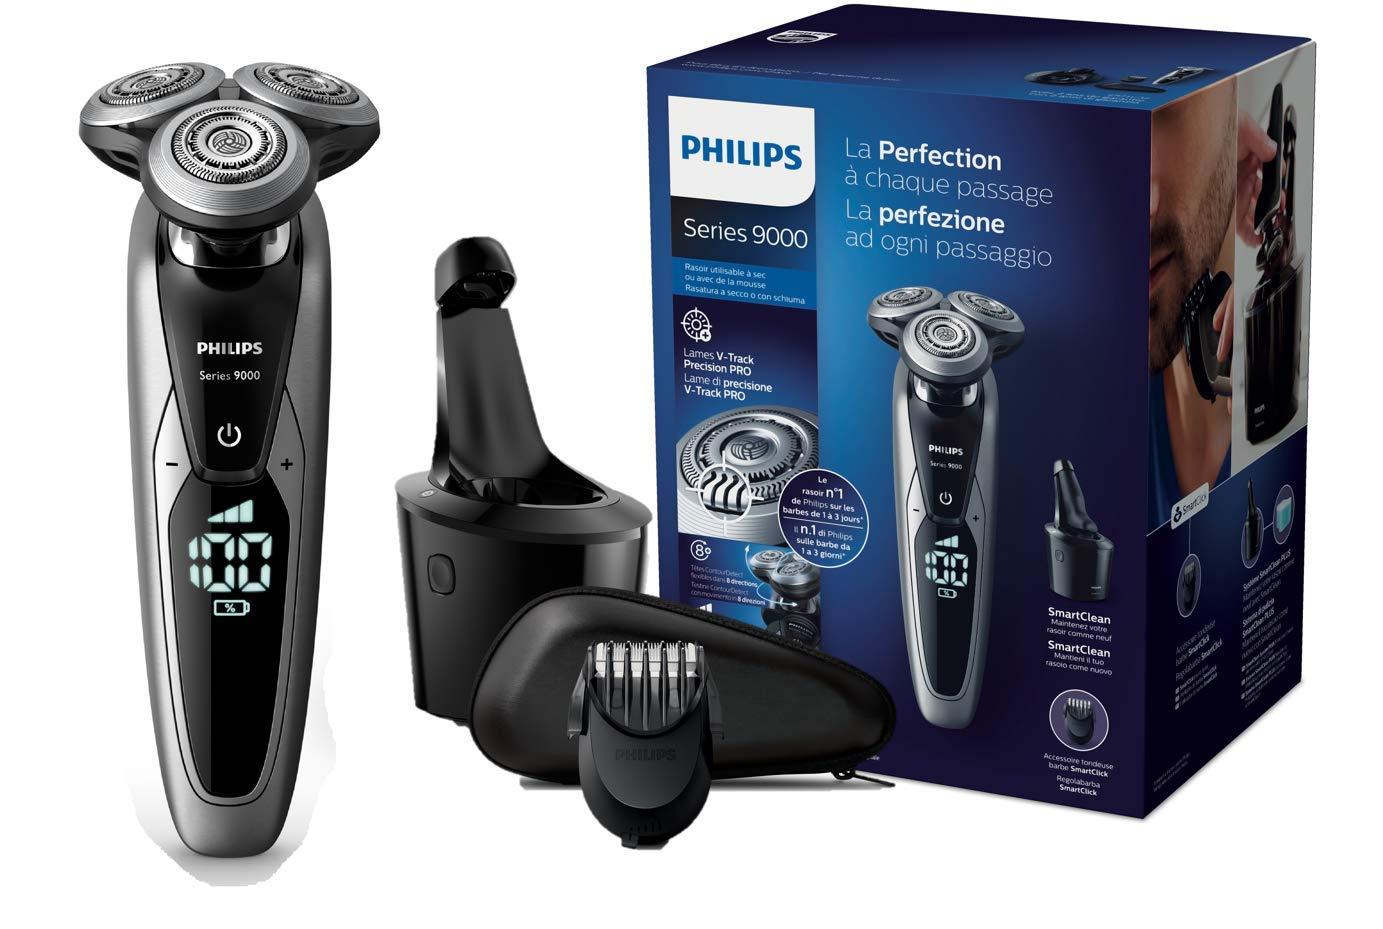 Philips Serie 9000 S9711/32 - Máquina de afeitar con cabezales de 8 direcciones, seco/húmedo, 3 modos y sistema de limpieza SmartClean, incluye ...